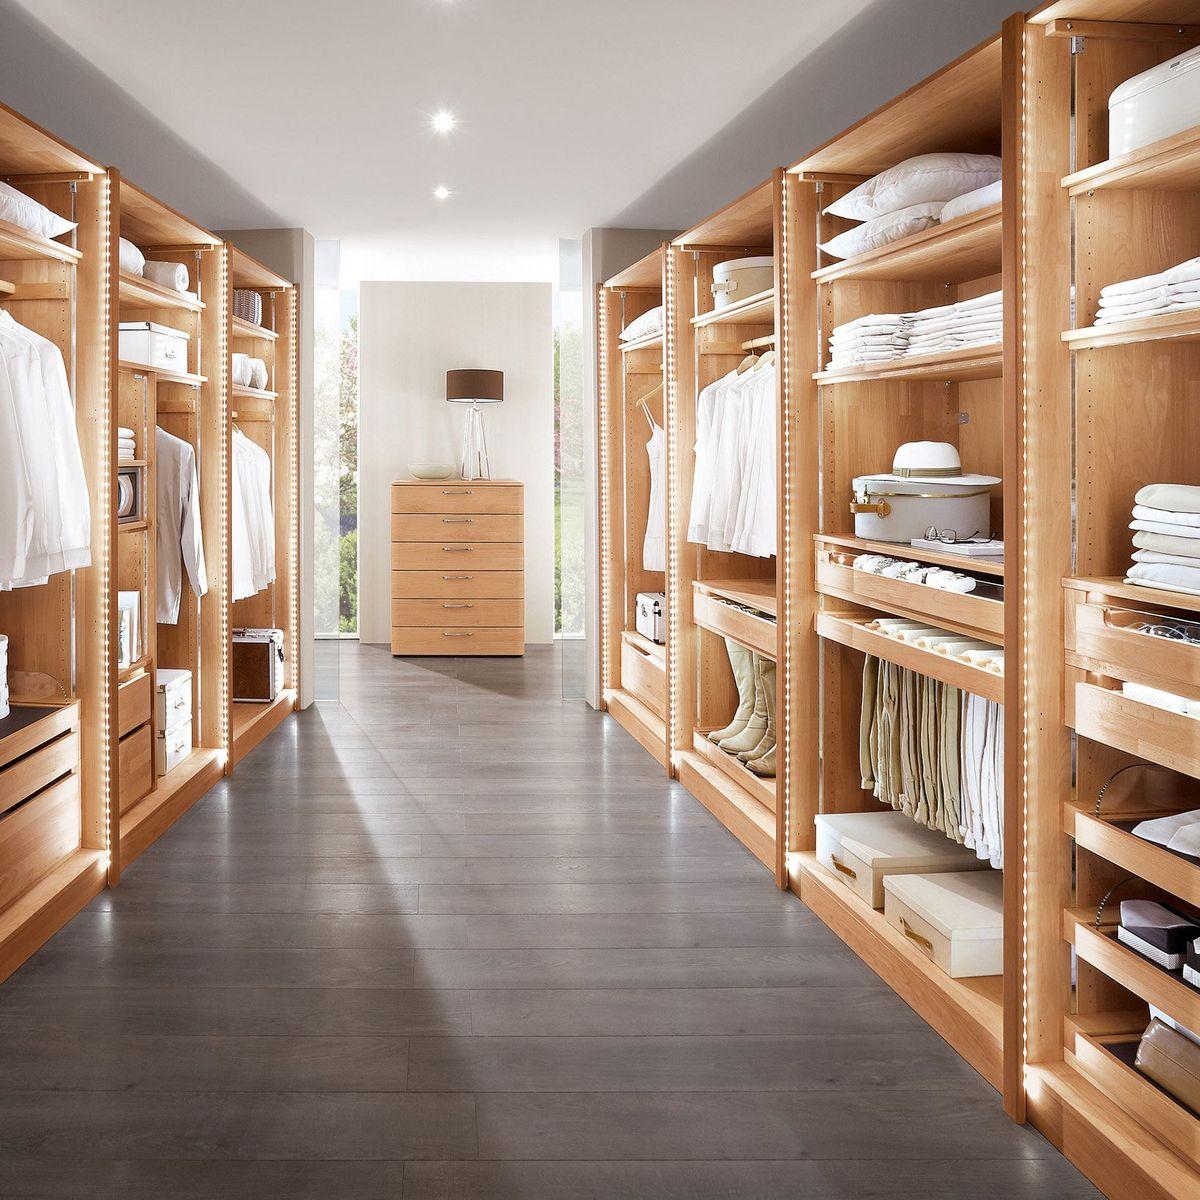 Kleiderschrank Nach Mass Diese Funf Fragen Helfen Bei Der Planung